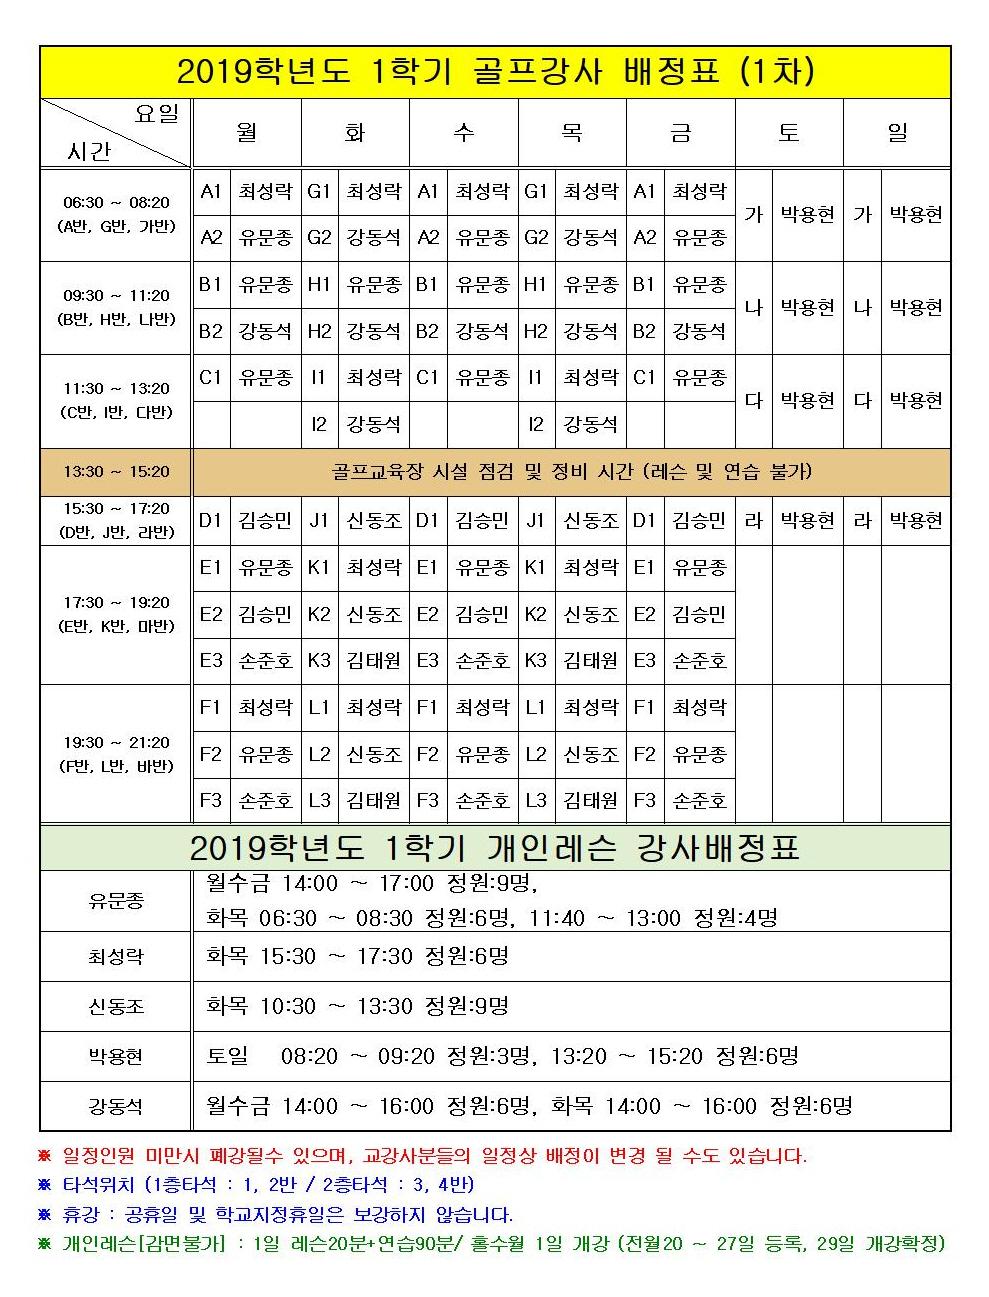 19-1 골프배정표(A4) 1주차 최종.jpg